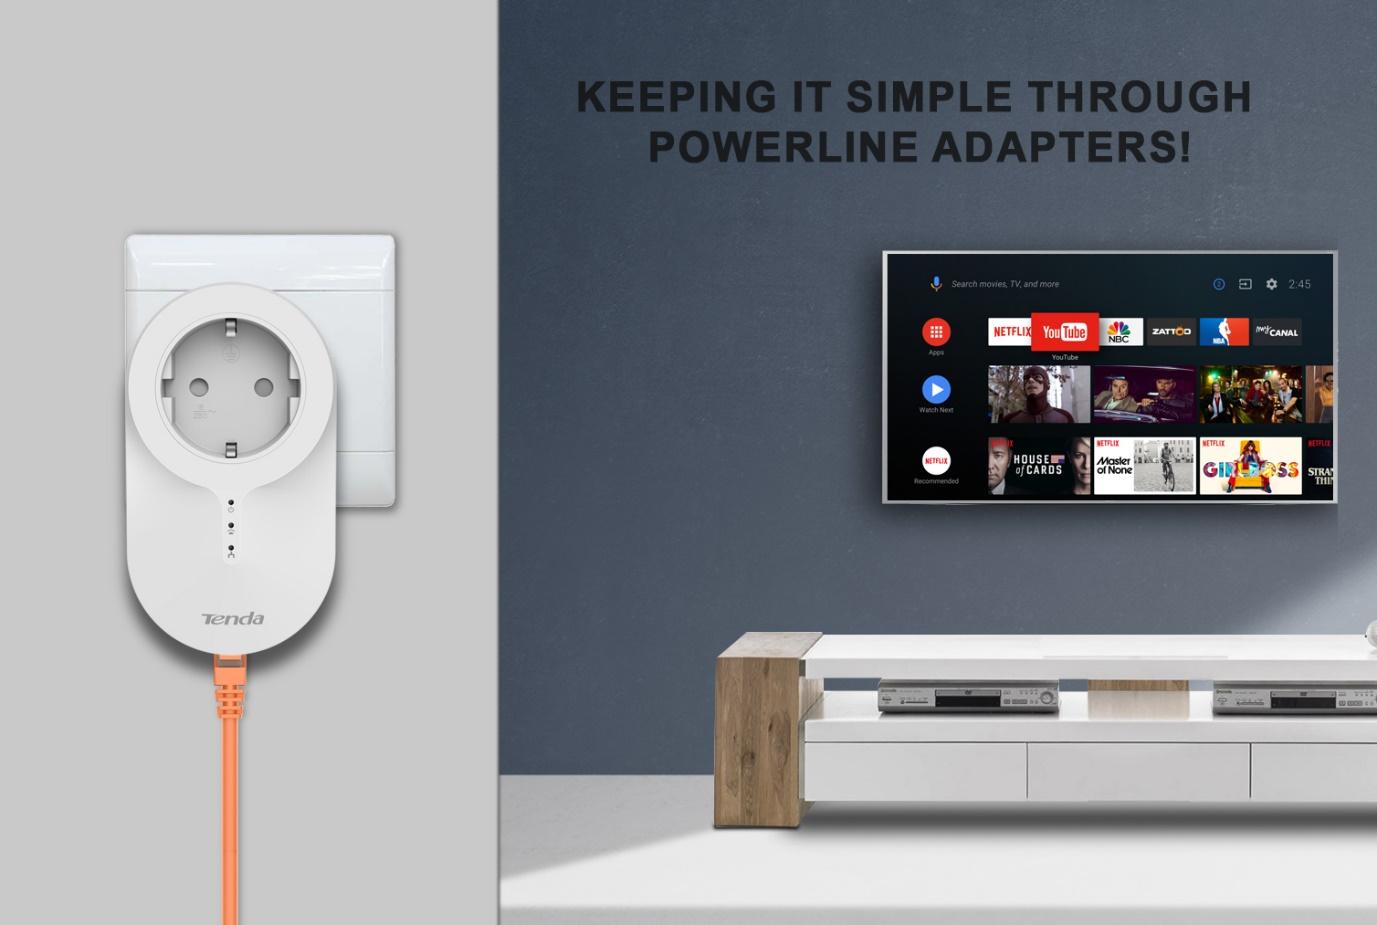 Keeping It Simple Through Powerline Adapters!